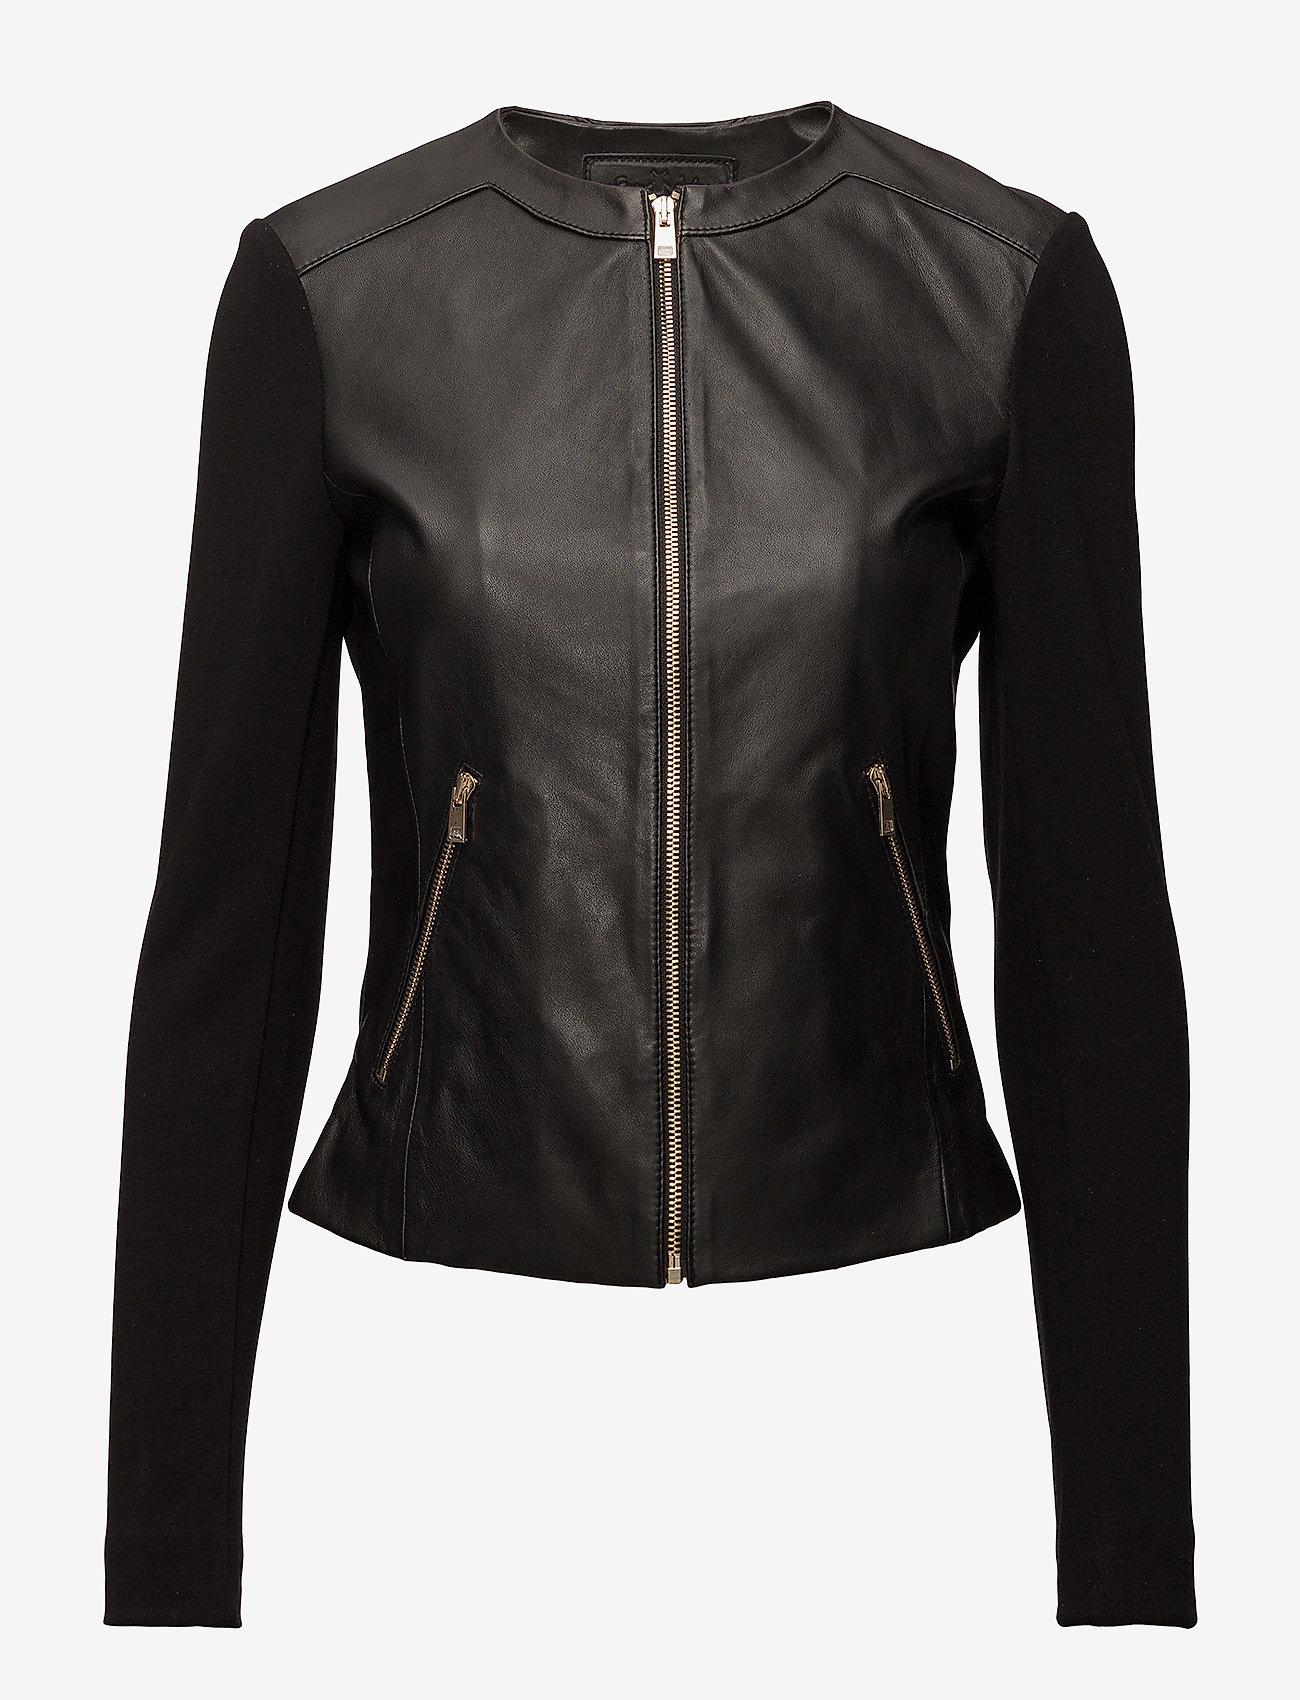 DEPECHE - Jacket - skinnjakker - black - 0